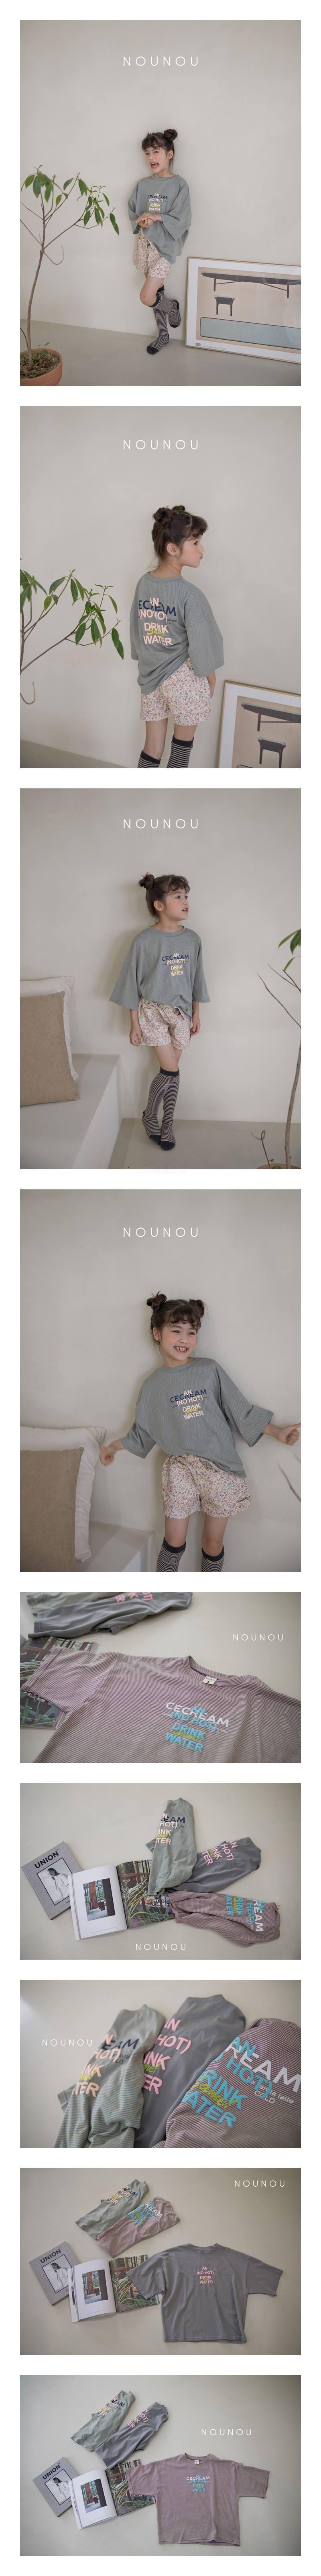 NOUNOU - Korean Children Fashion - #Kfashion4kids - Drink Tee